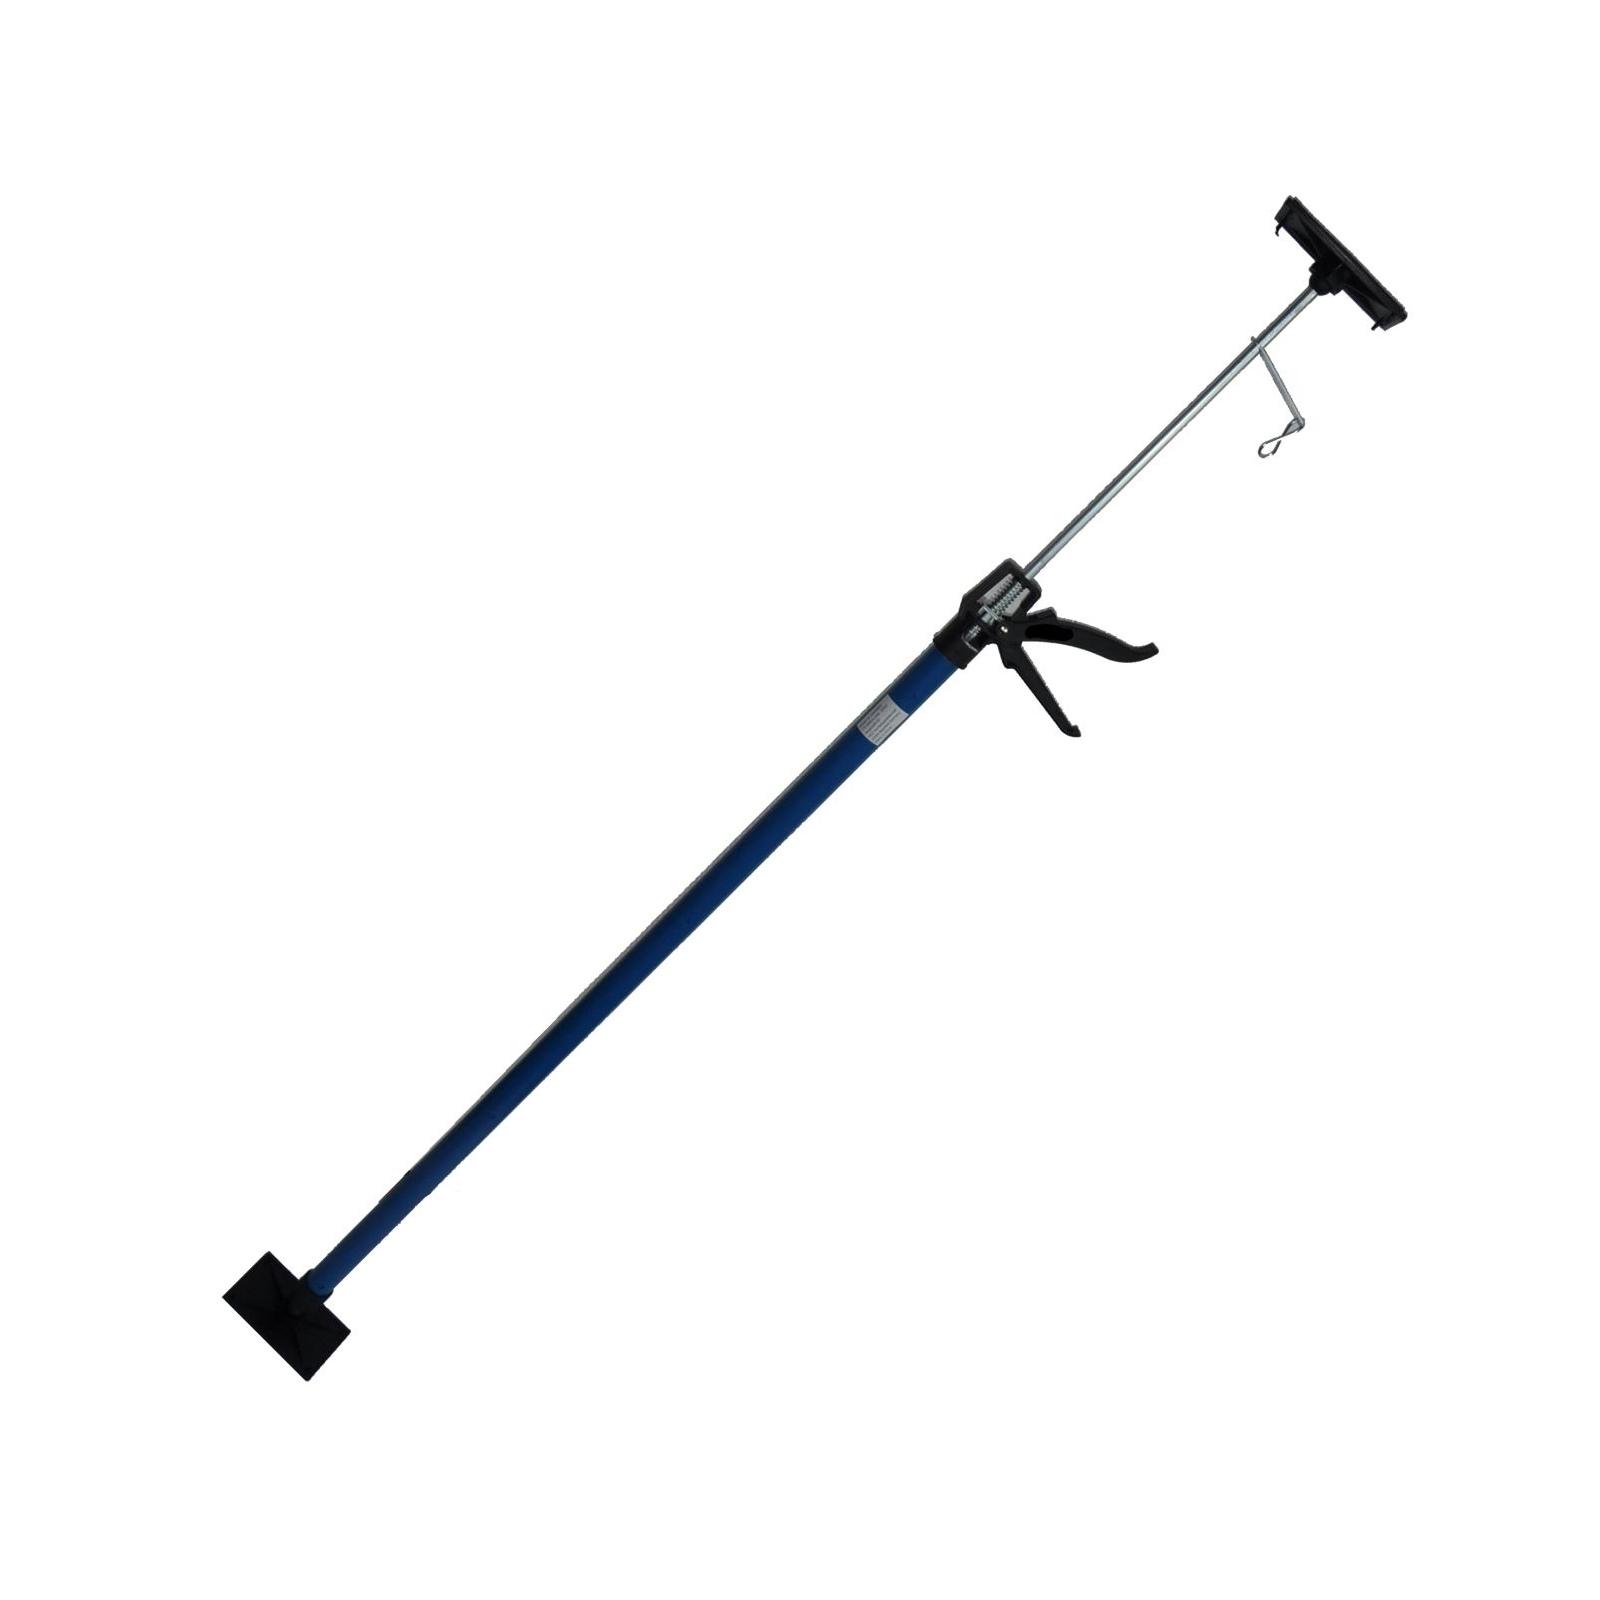 Profi Einhandstütze Montagestütze Deckenstütze Teleskopstütze bis 290cm